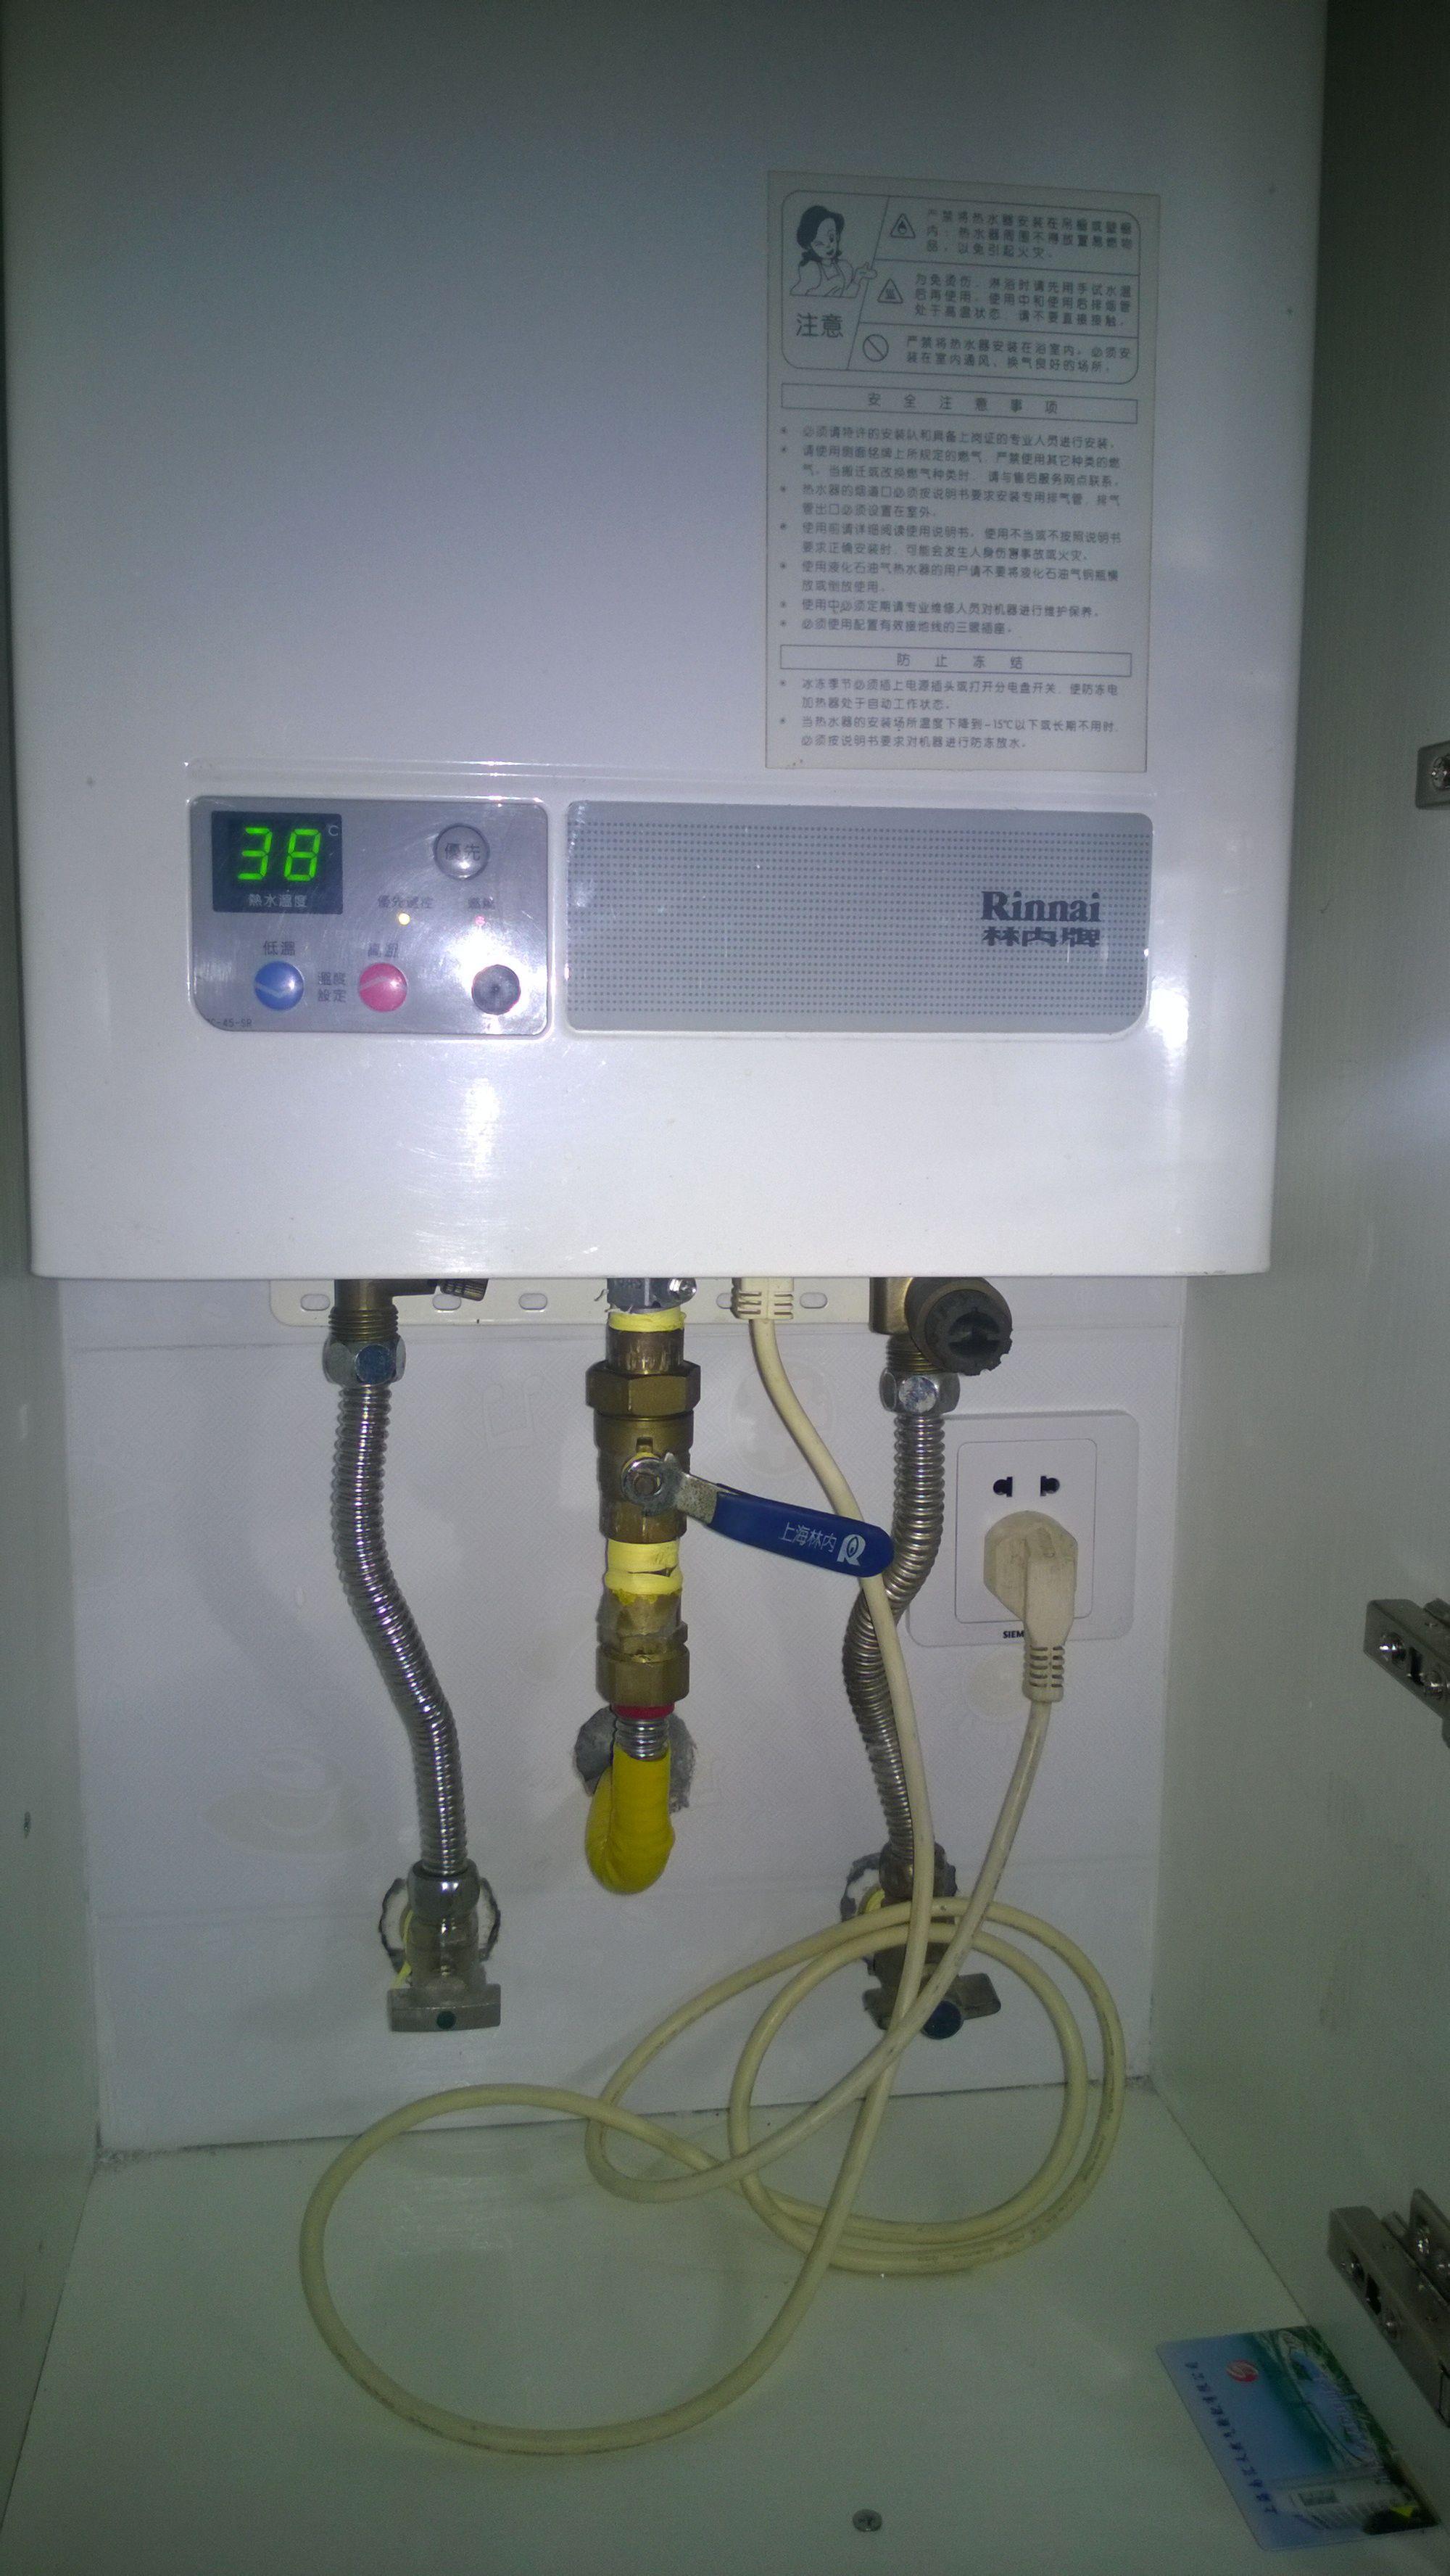 热水器3个阀门开关图片